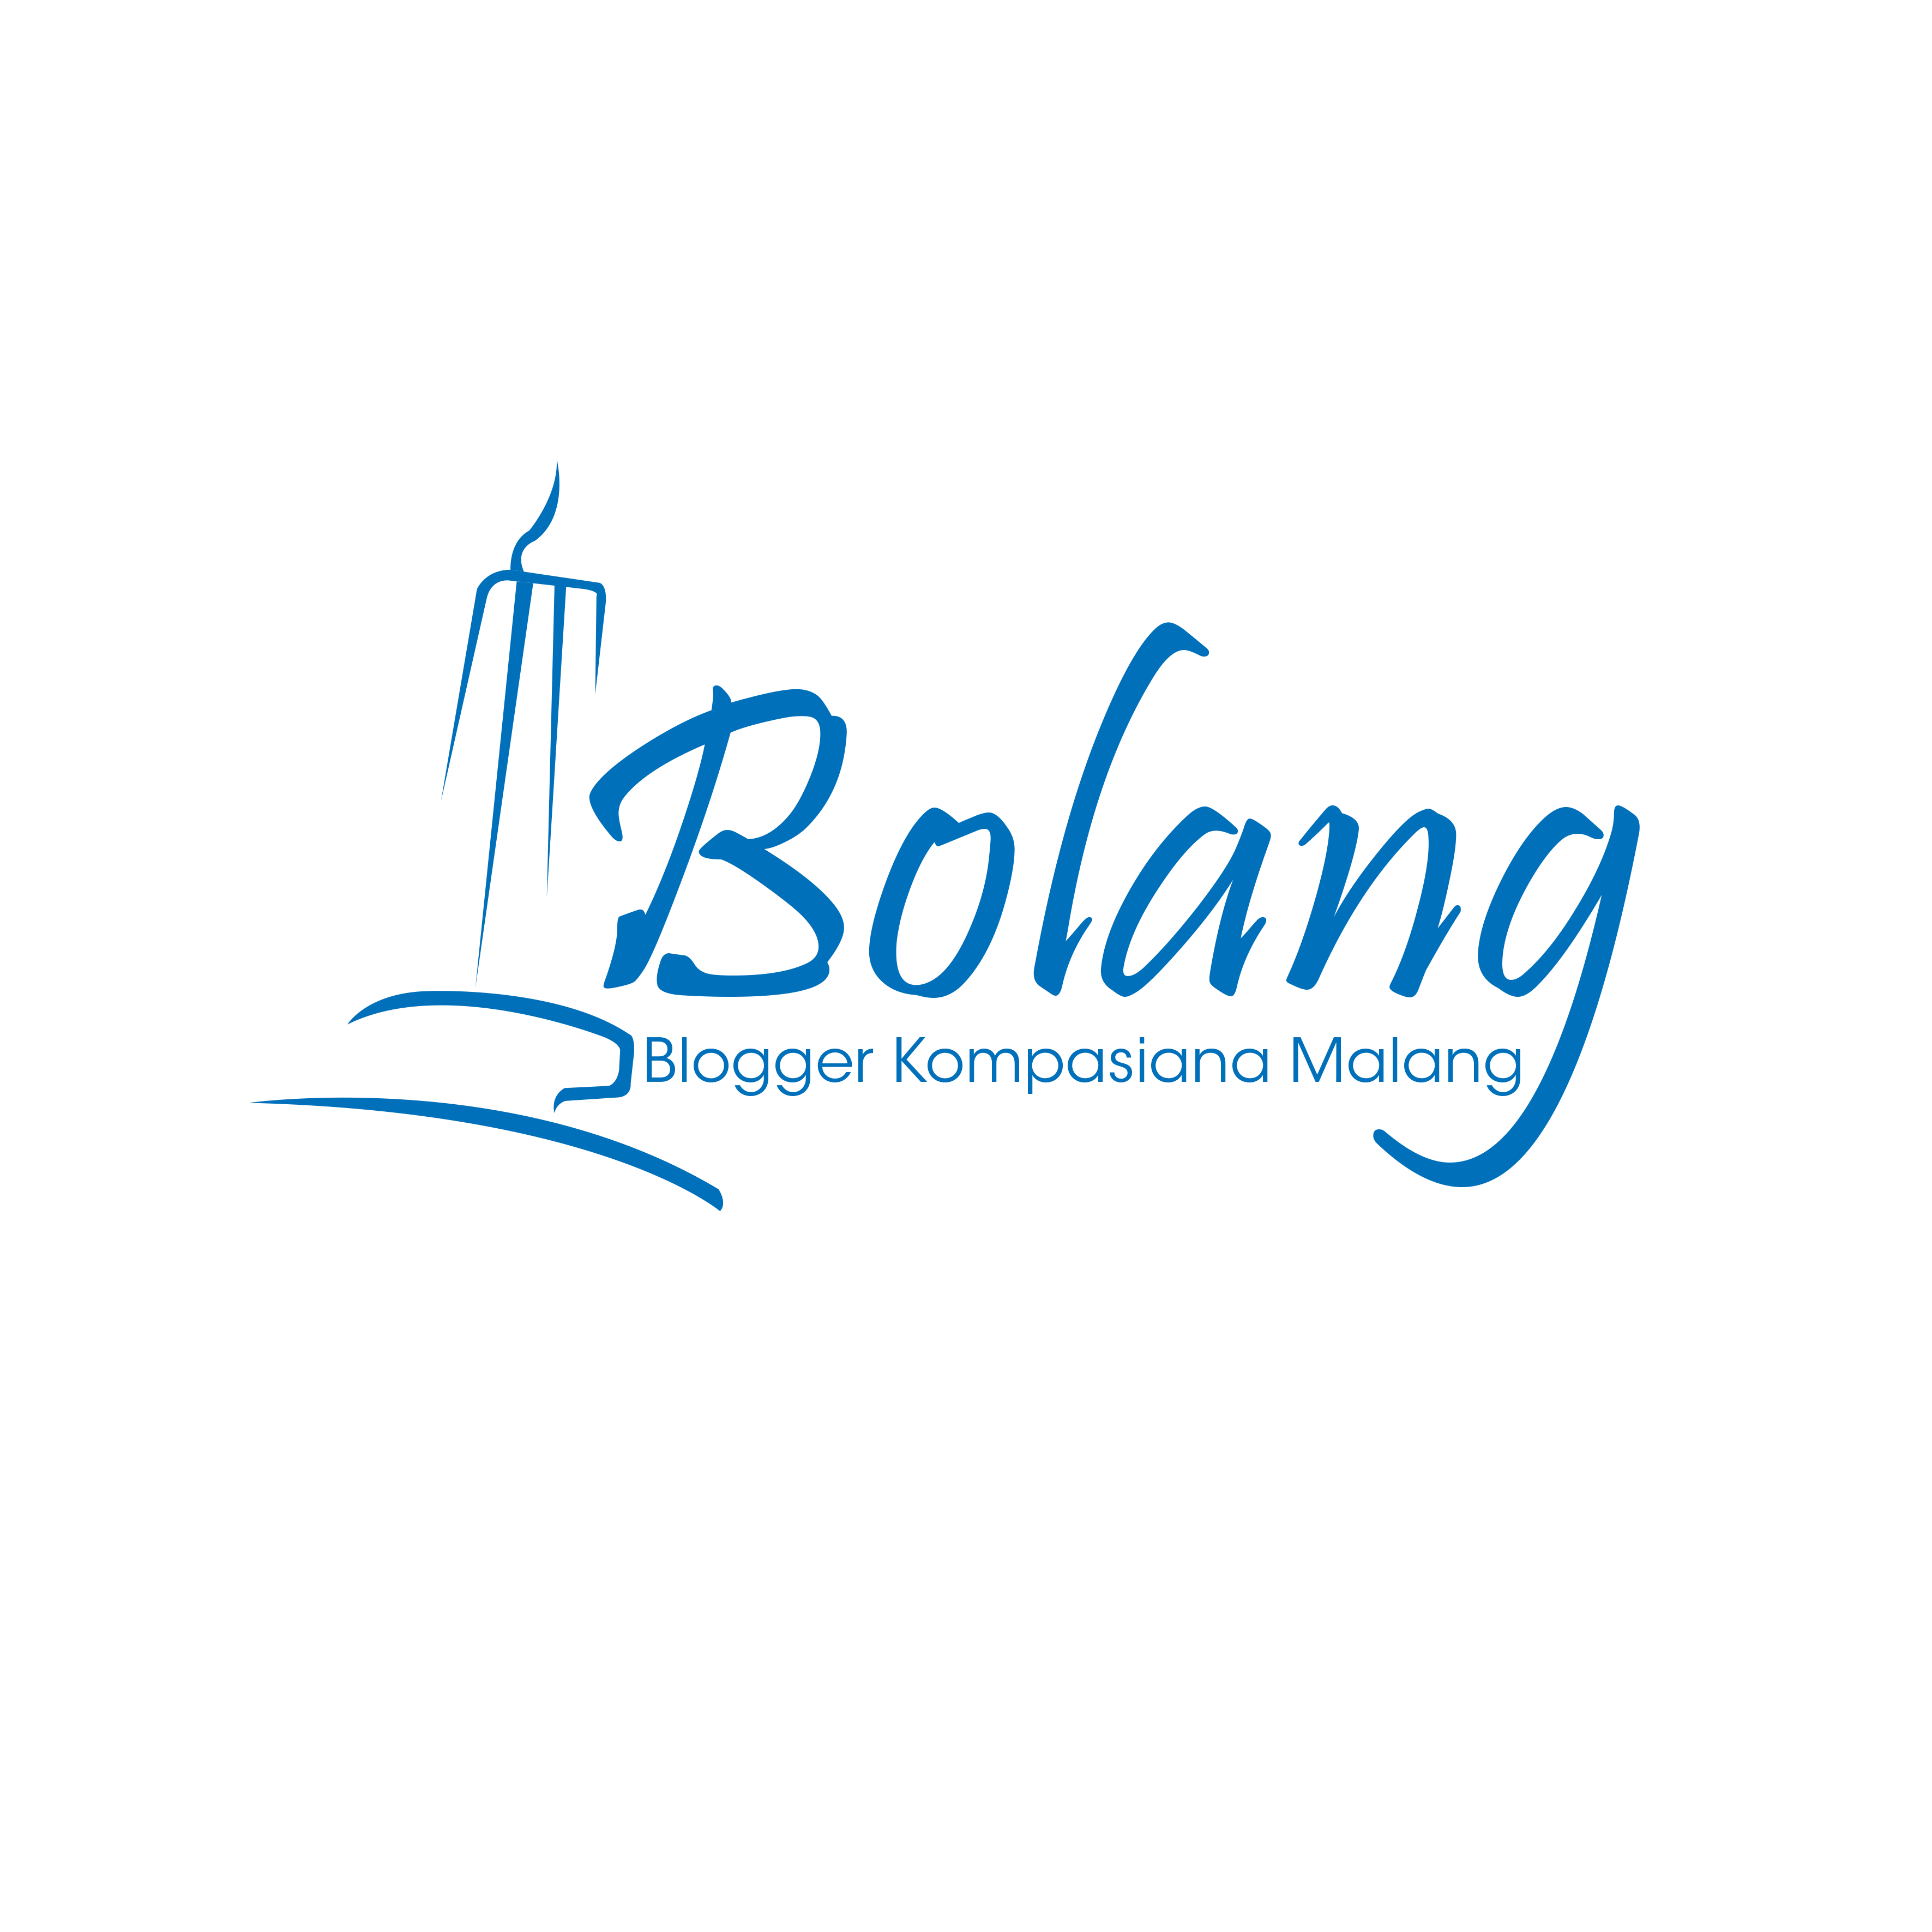 items/kaleidoskop_2019/21-bolang-1577688482.png